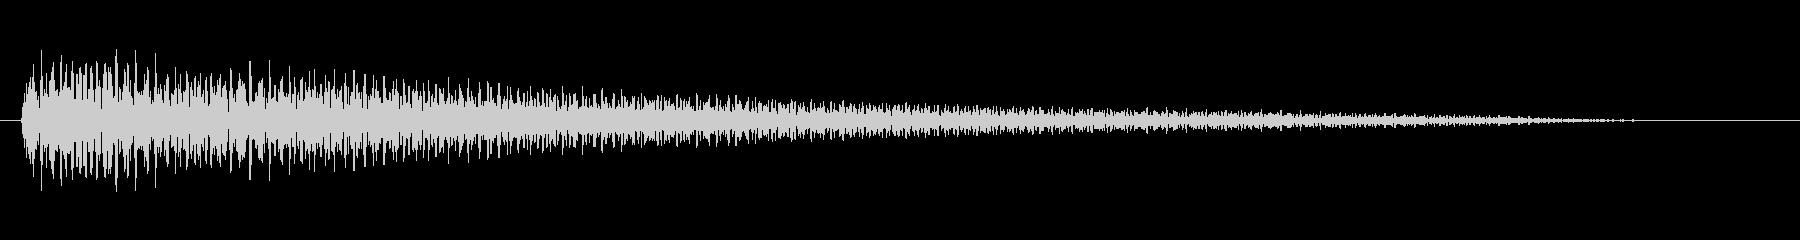 よくあるチャイム音風(オルゴール)2の未再生の波形